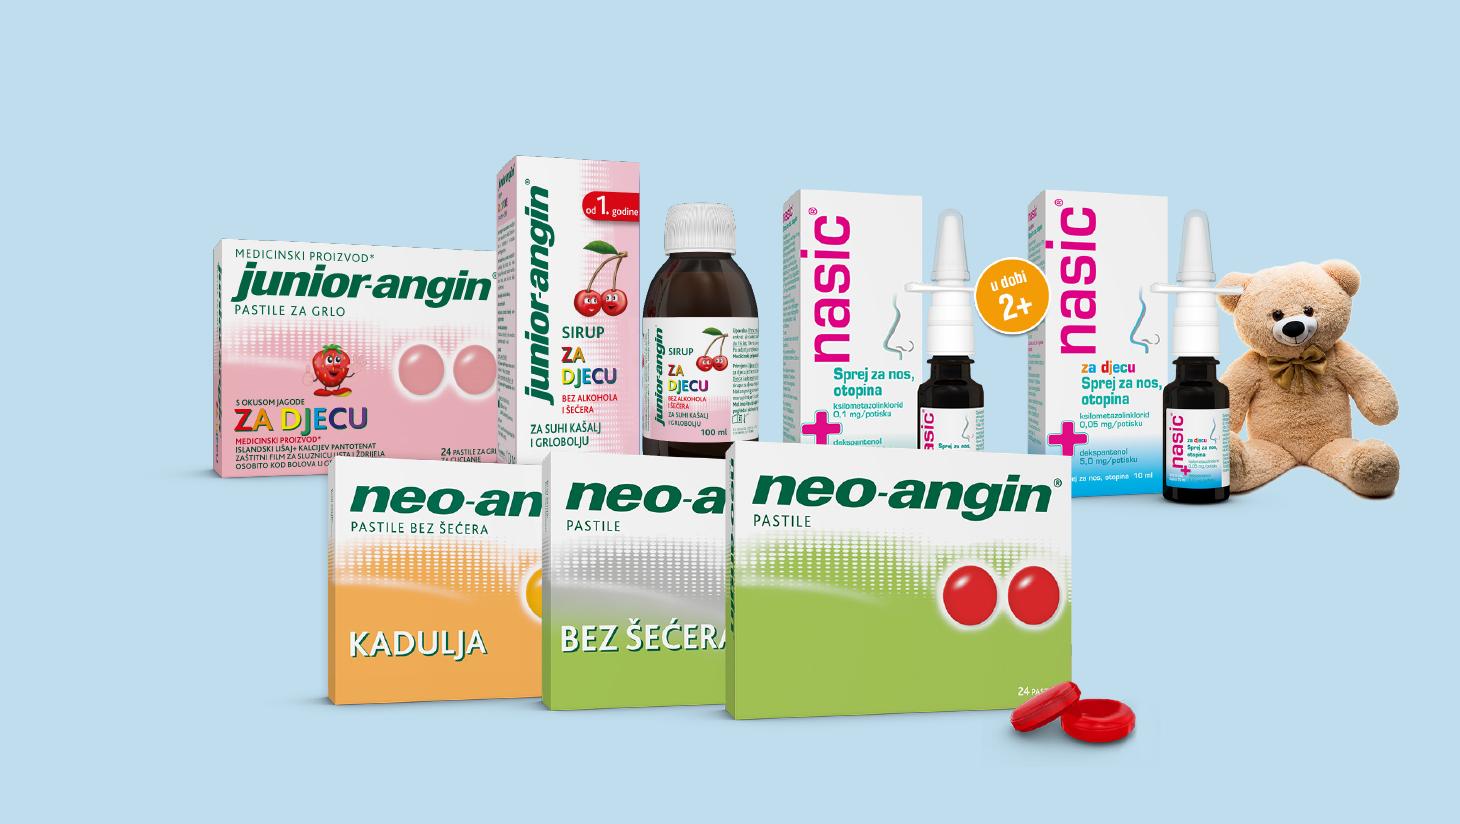 neoangin-nasic-juniorangin-proizvodi